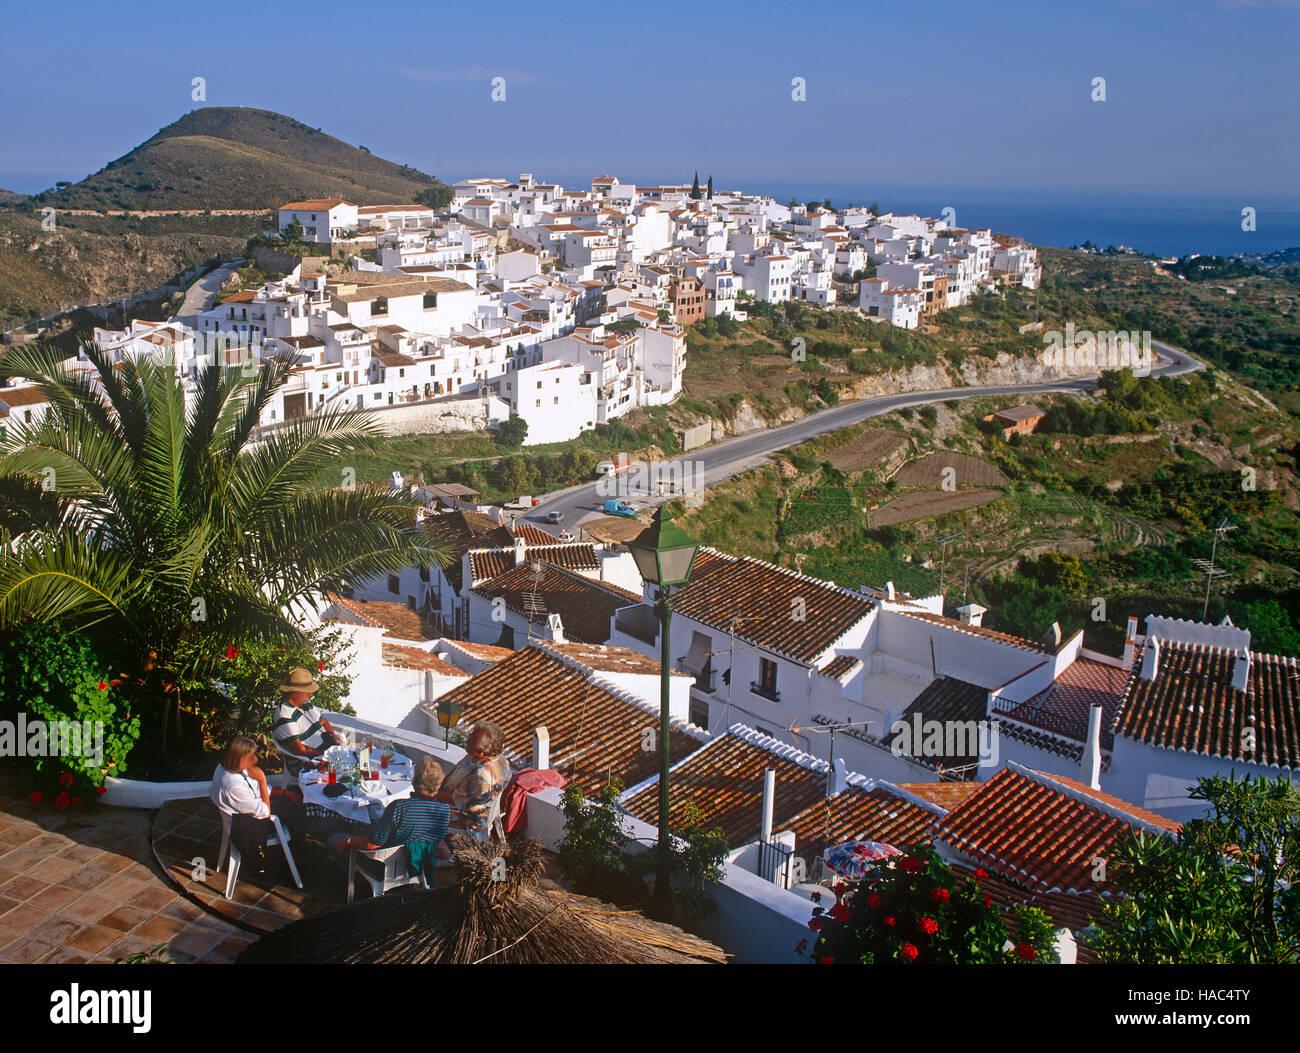 Frigliana, Costa del Sol, Andalousie, Espagne Photo Stock